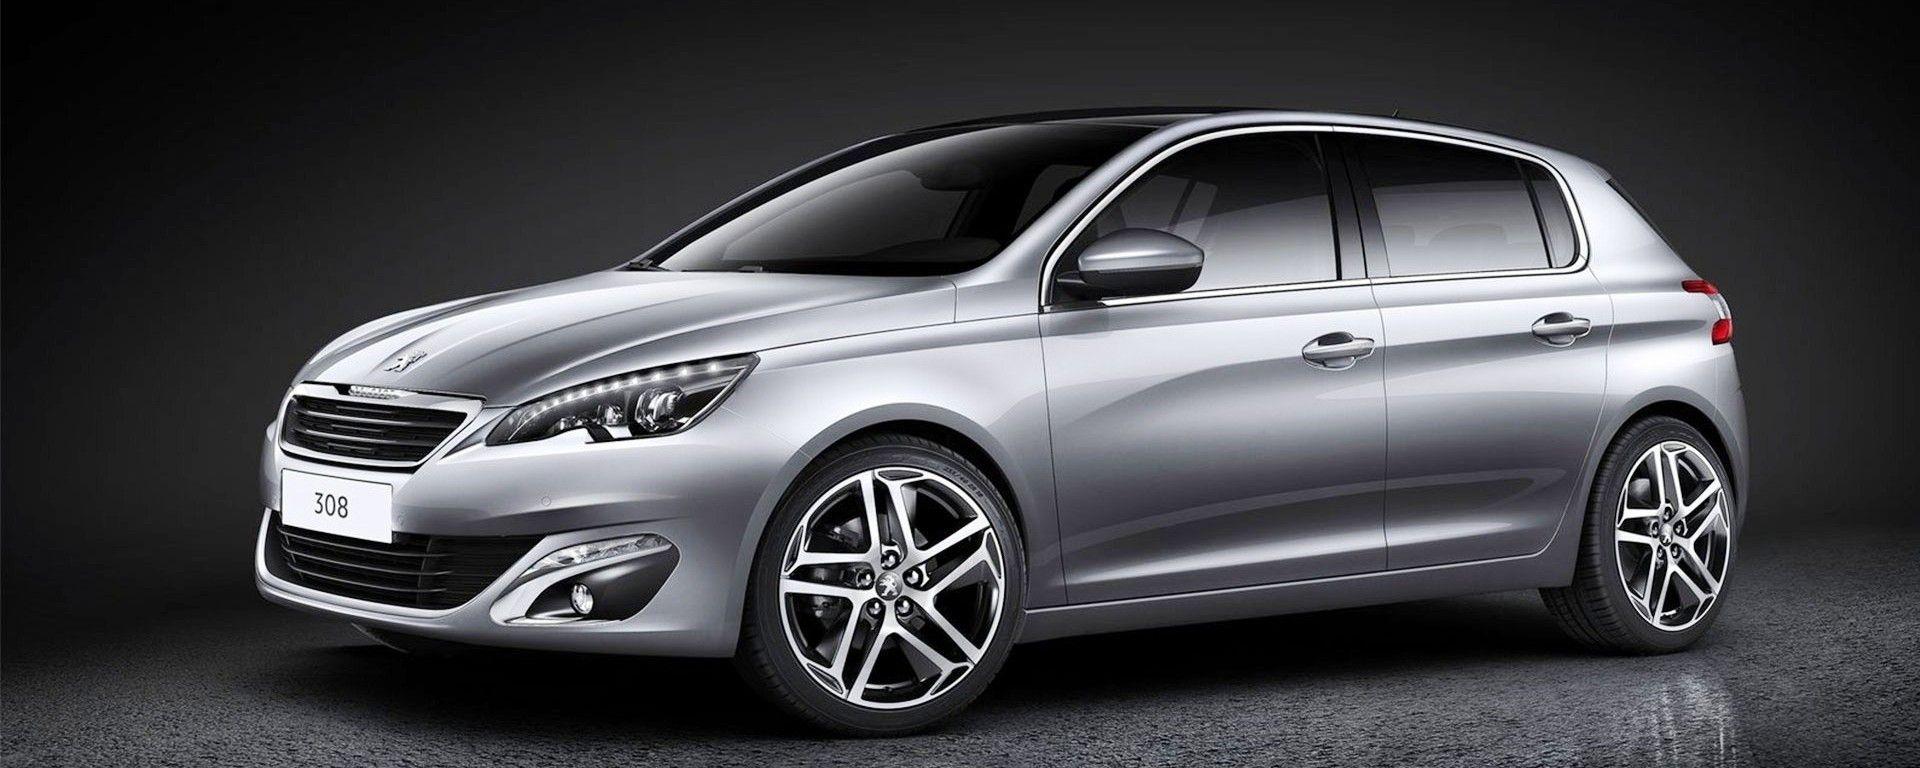 Peugeot 308: cambio automatico EAT8 con PureTech e BlueHDi